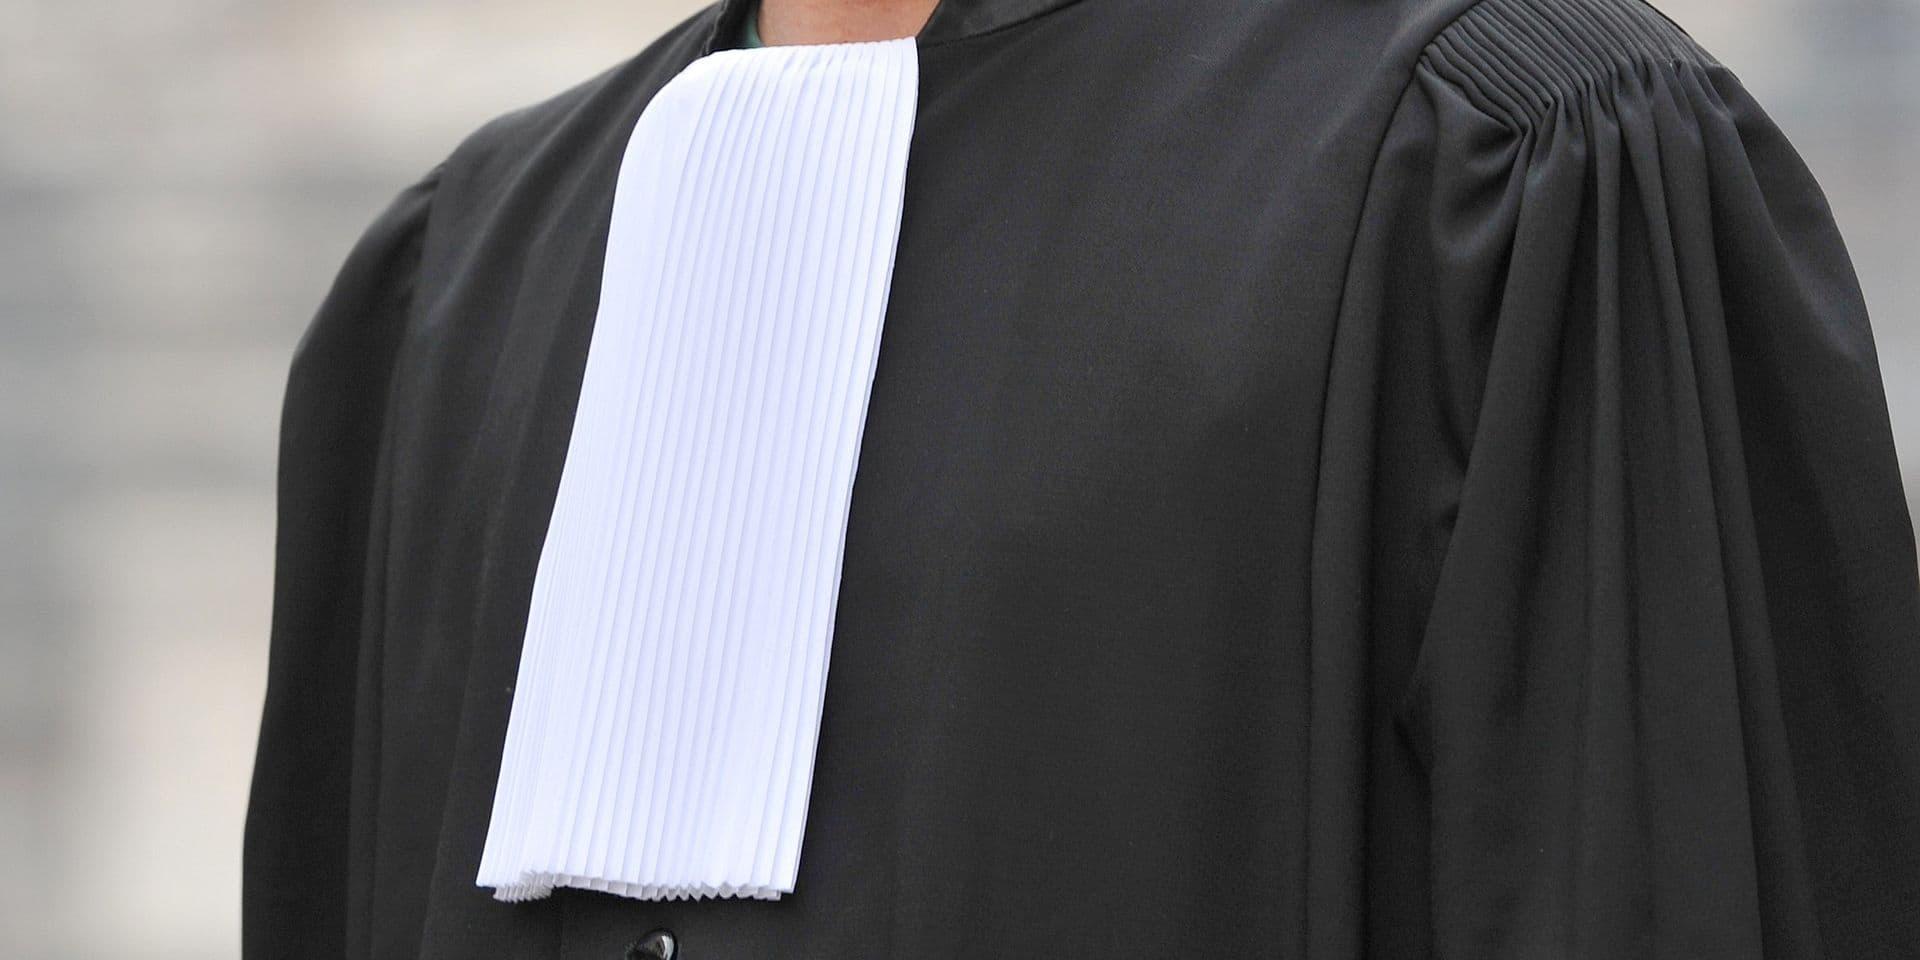 Aide juridique: le ticket modérateur jugé illégal